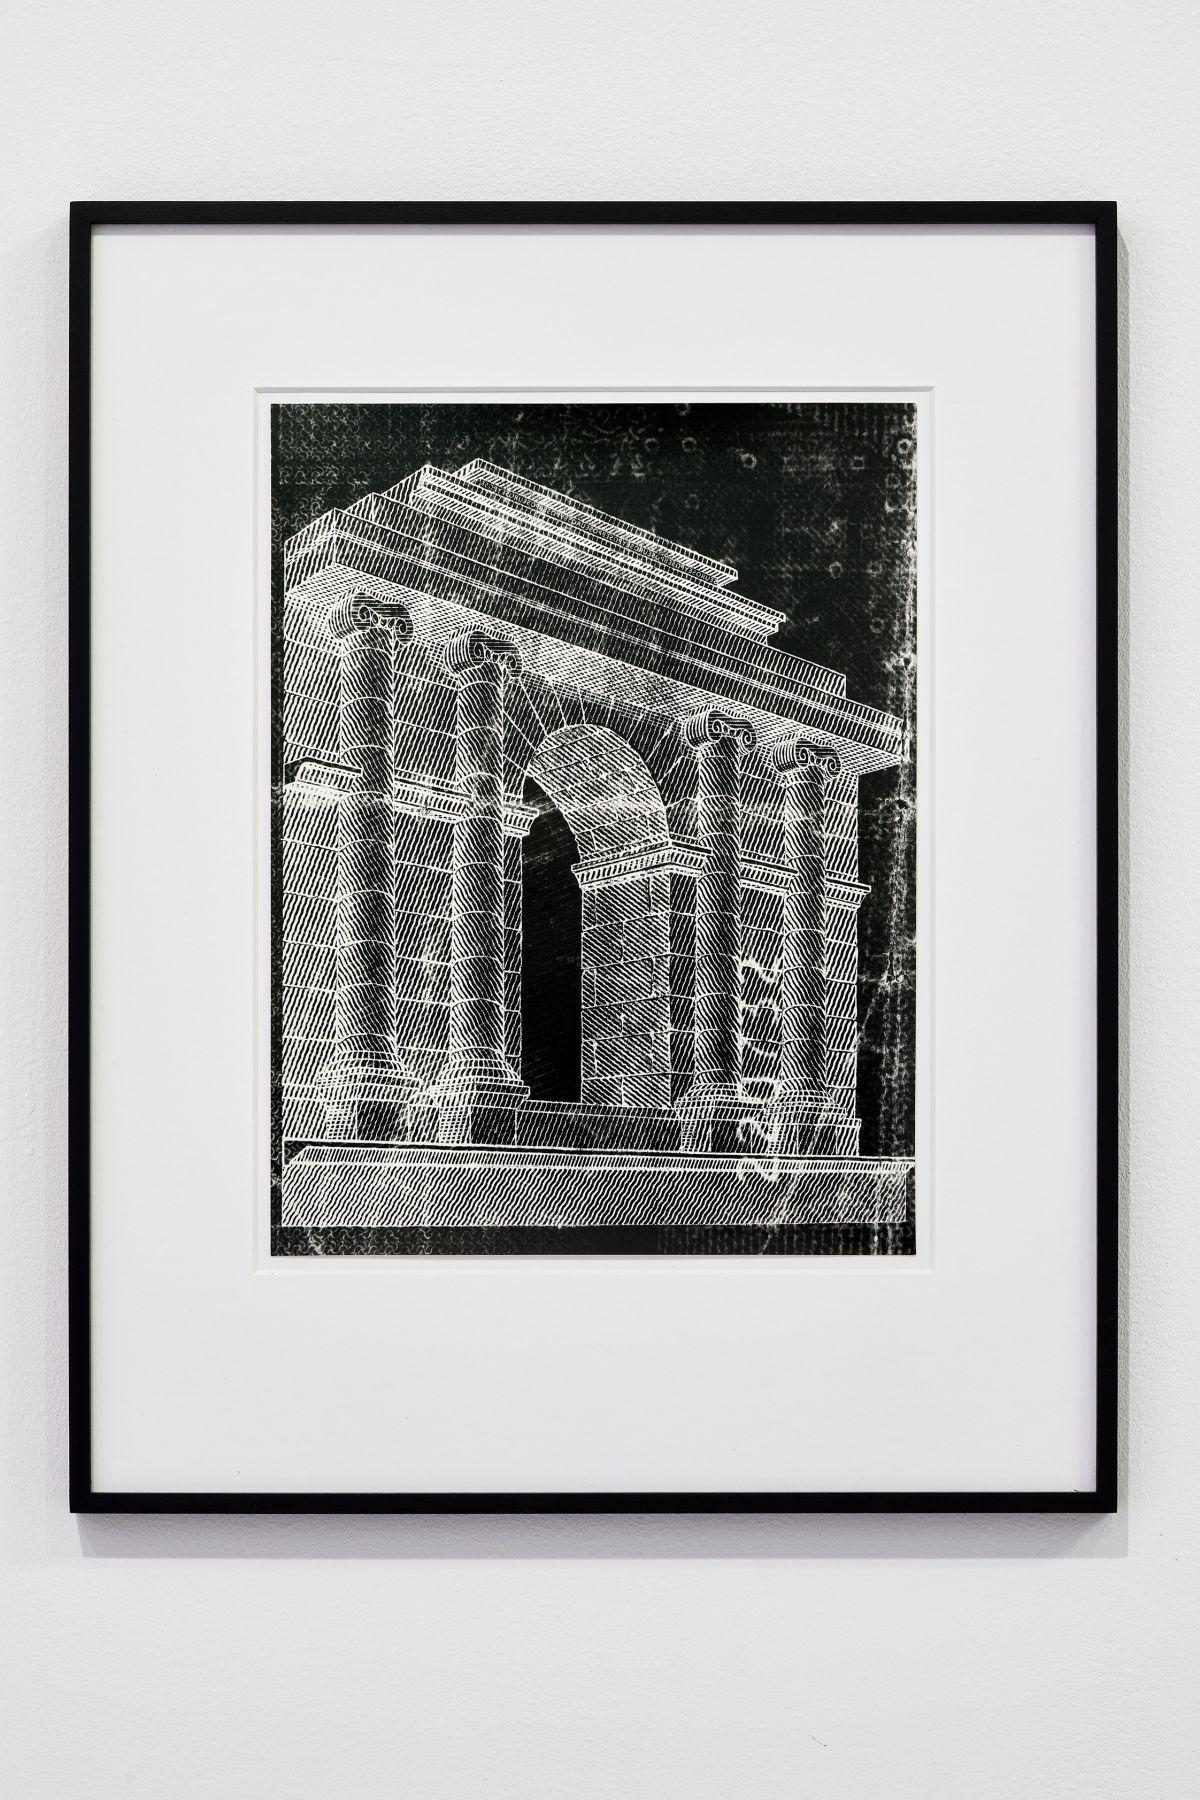 Gilles Pourtier - In gate we trust #5, 2021 - Rodéo Sauvage au Château de Servières ®Jean-Christophe Lett